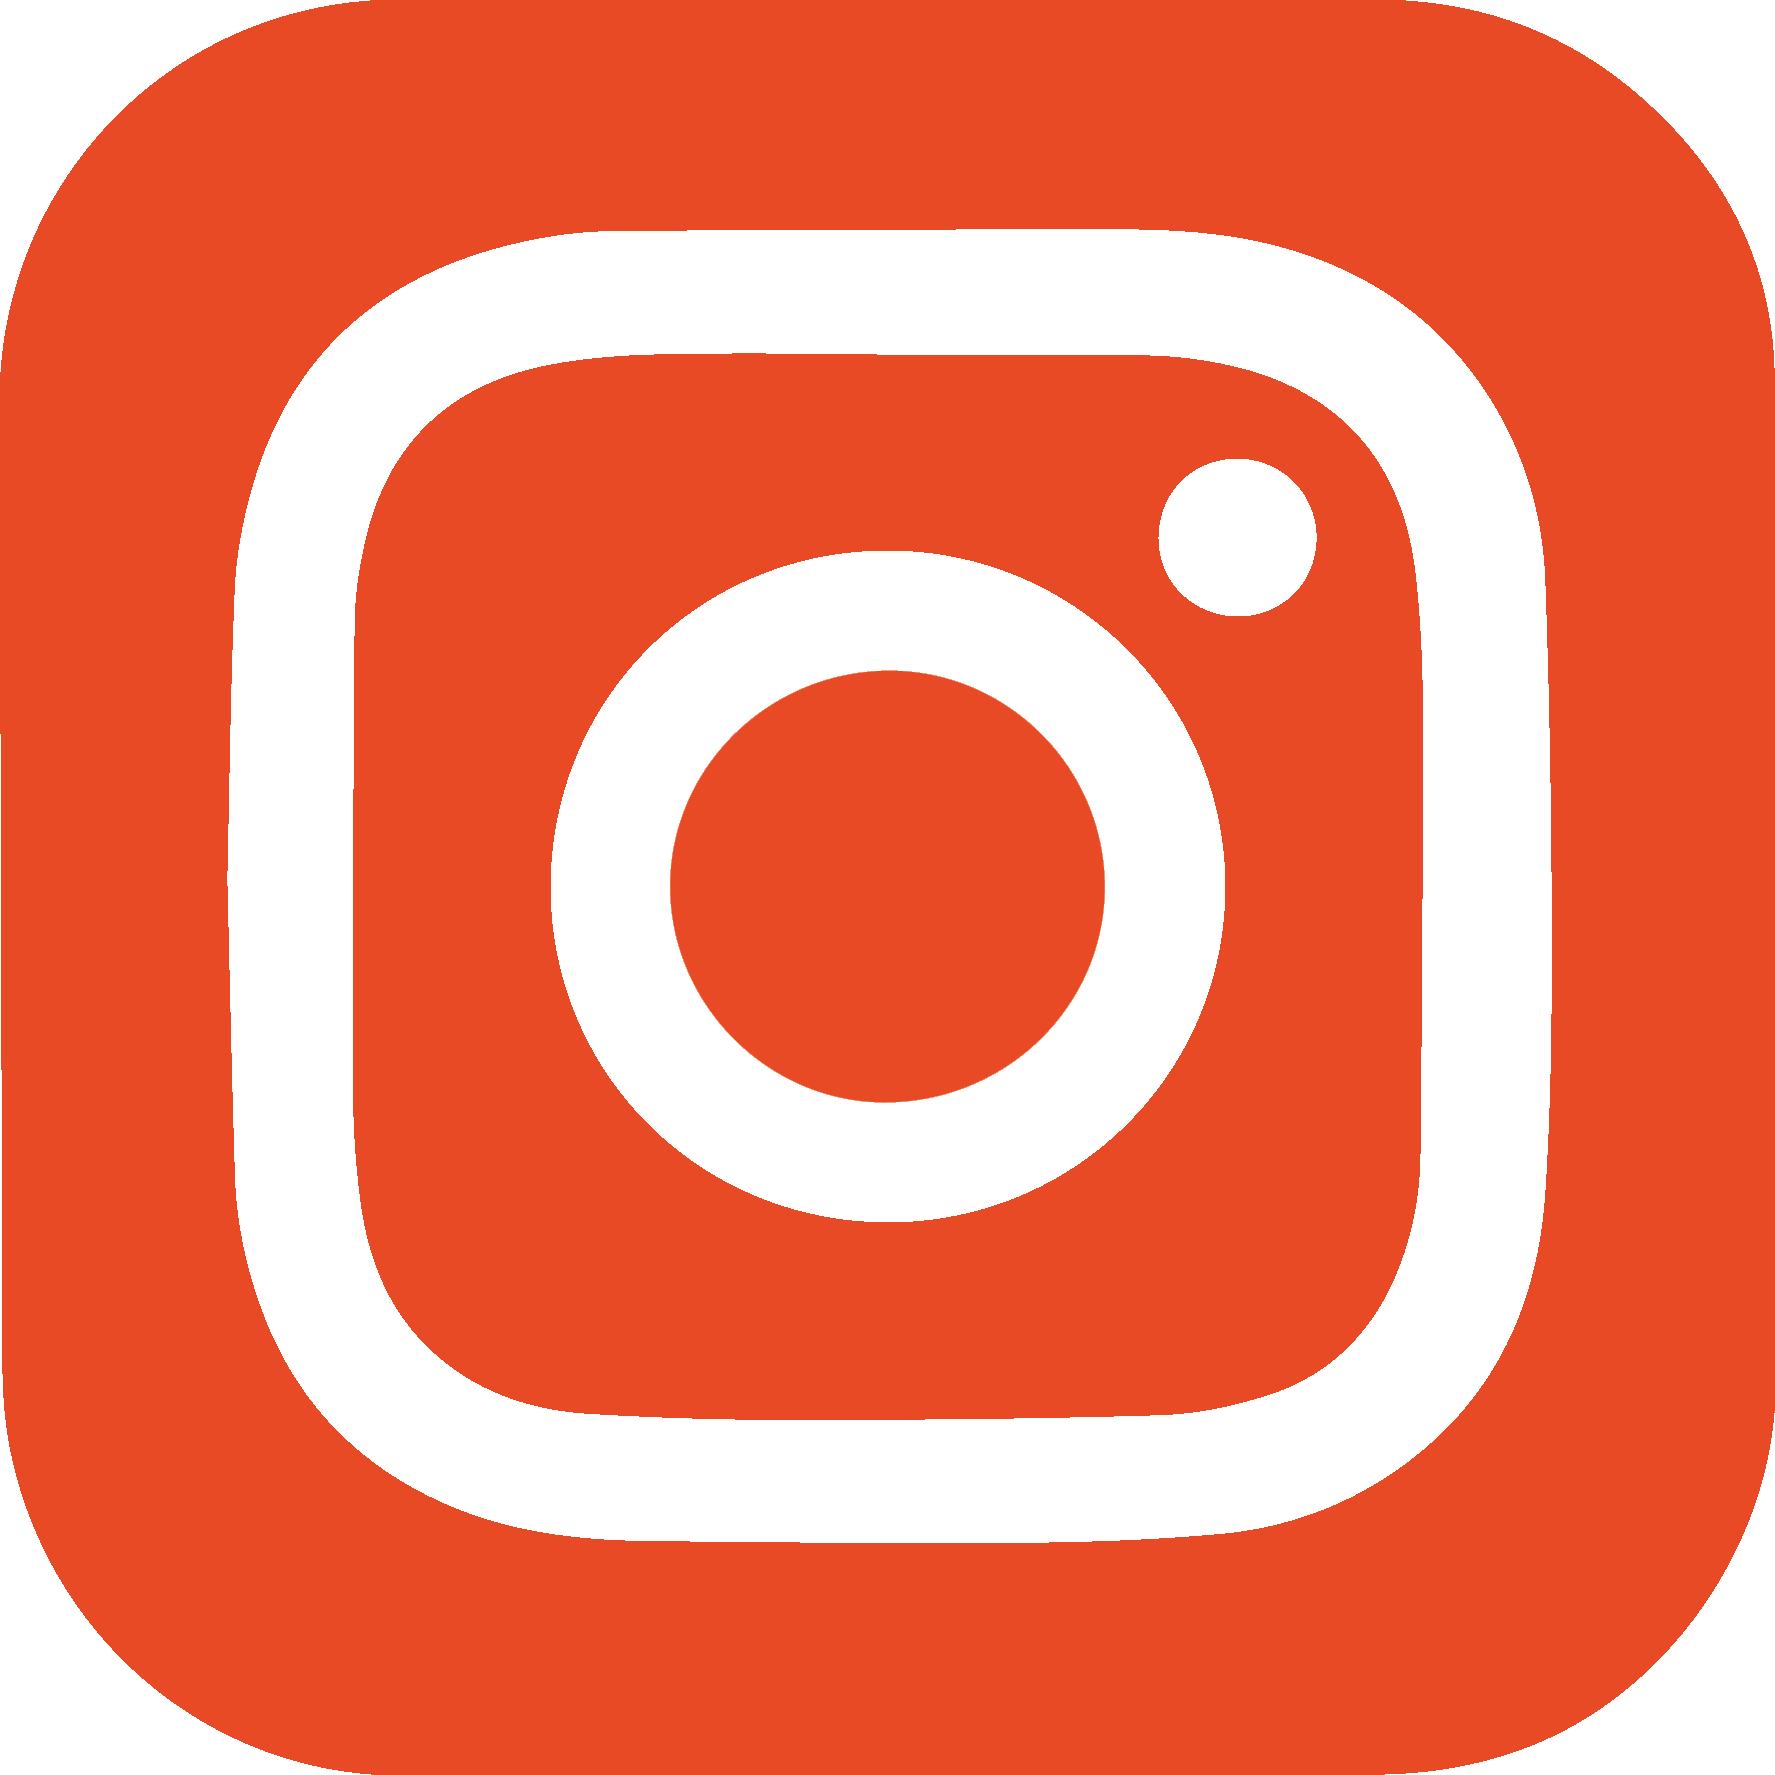 Instagram clipart ipad app, Instagram ipad app Transparent.